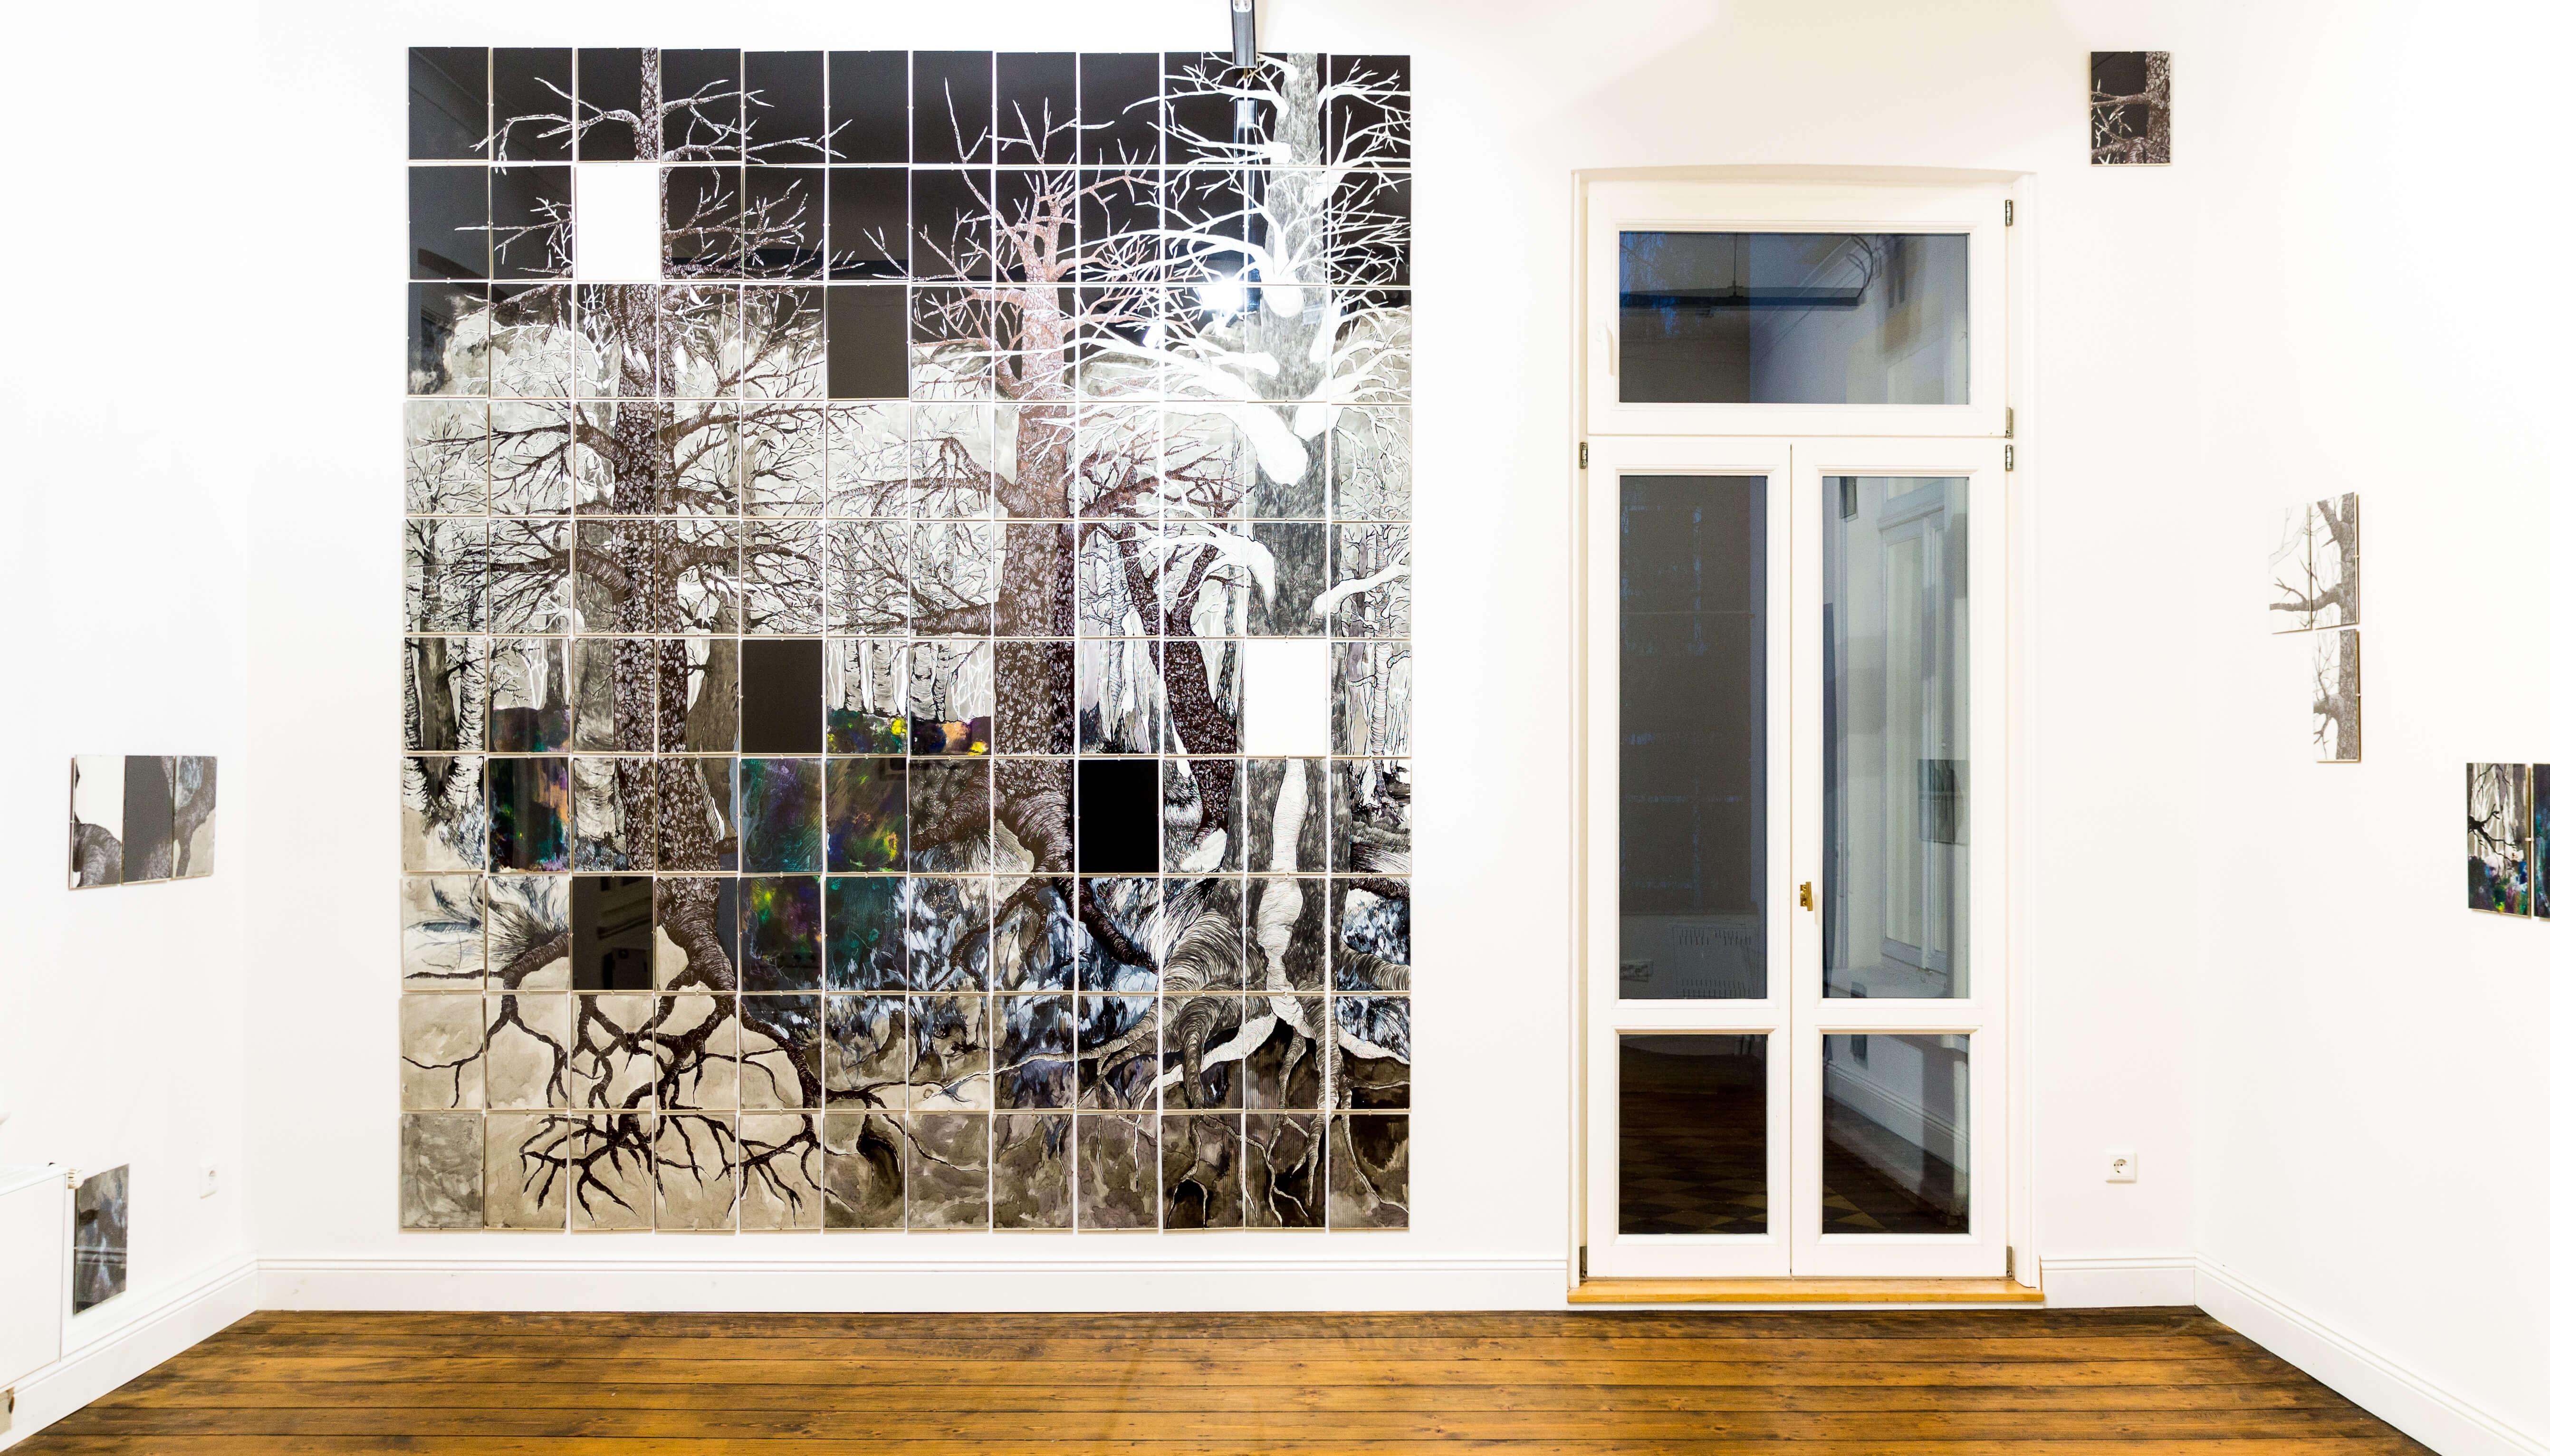 Katharina Albers, Wald XXXII(N), 2015, Tusche, Graphit, Linolfarbe, Ölfarbe, Fineliner, Gelstift auf Papier, 120 Stück je 30×21 cm, Größe gesamt 297×252 cm